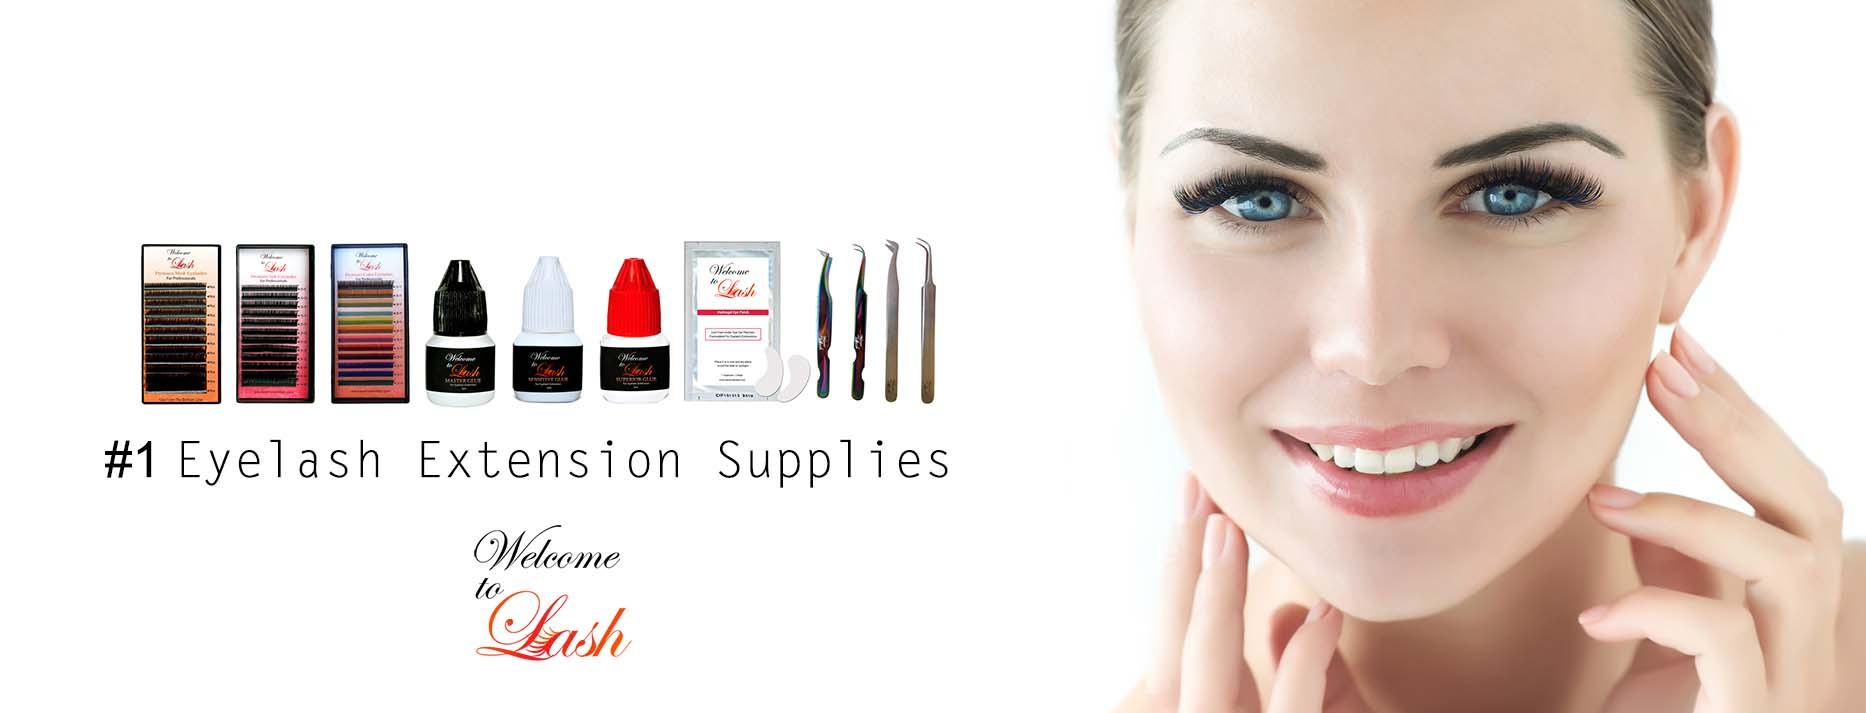 Eyelash Supplies